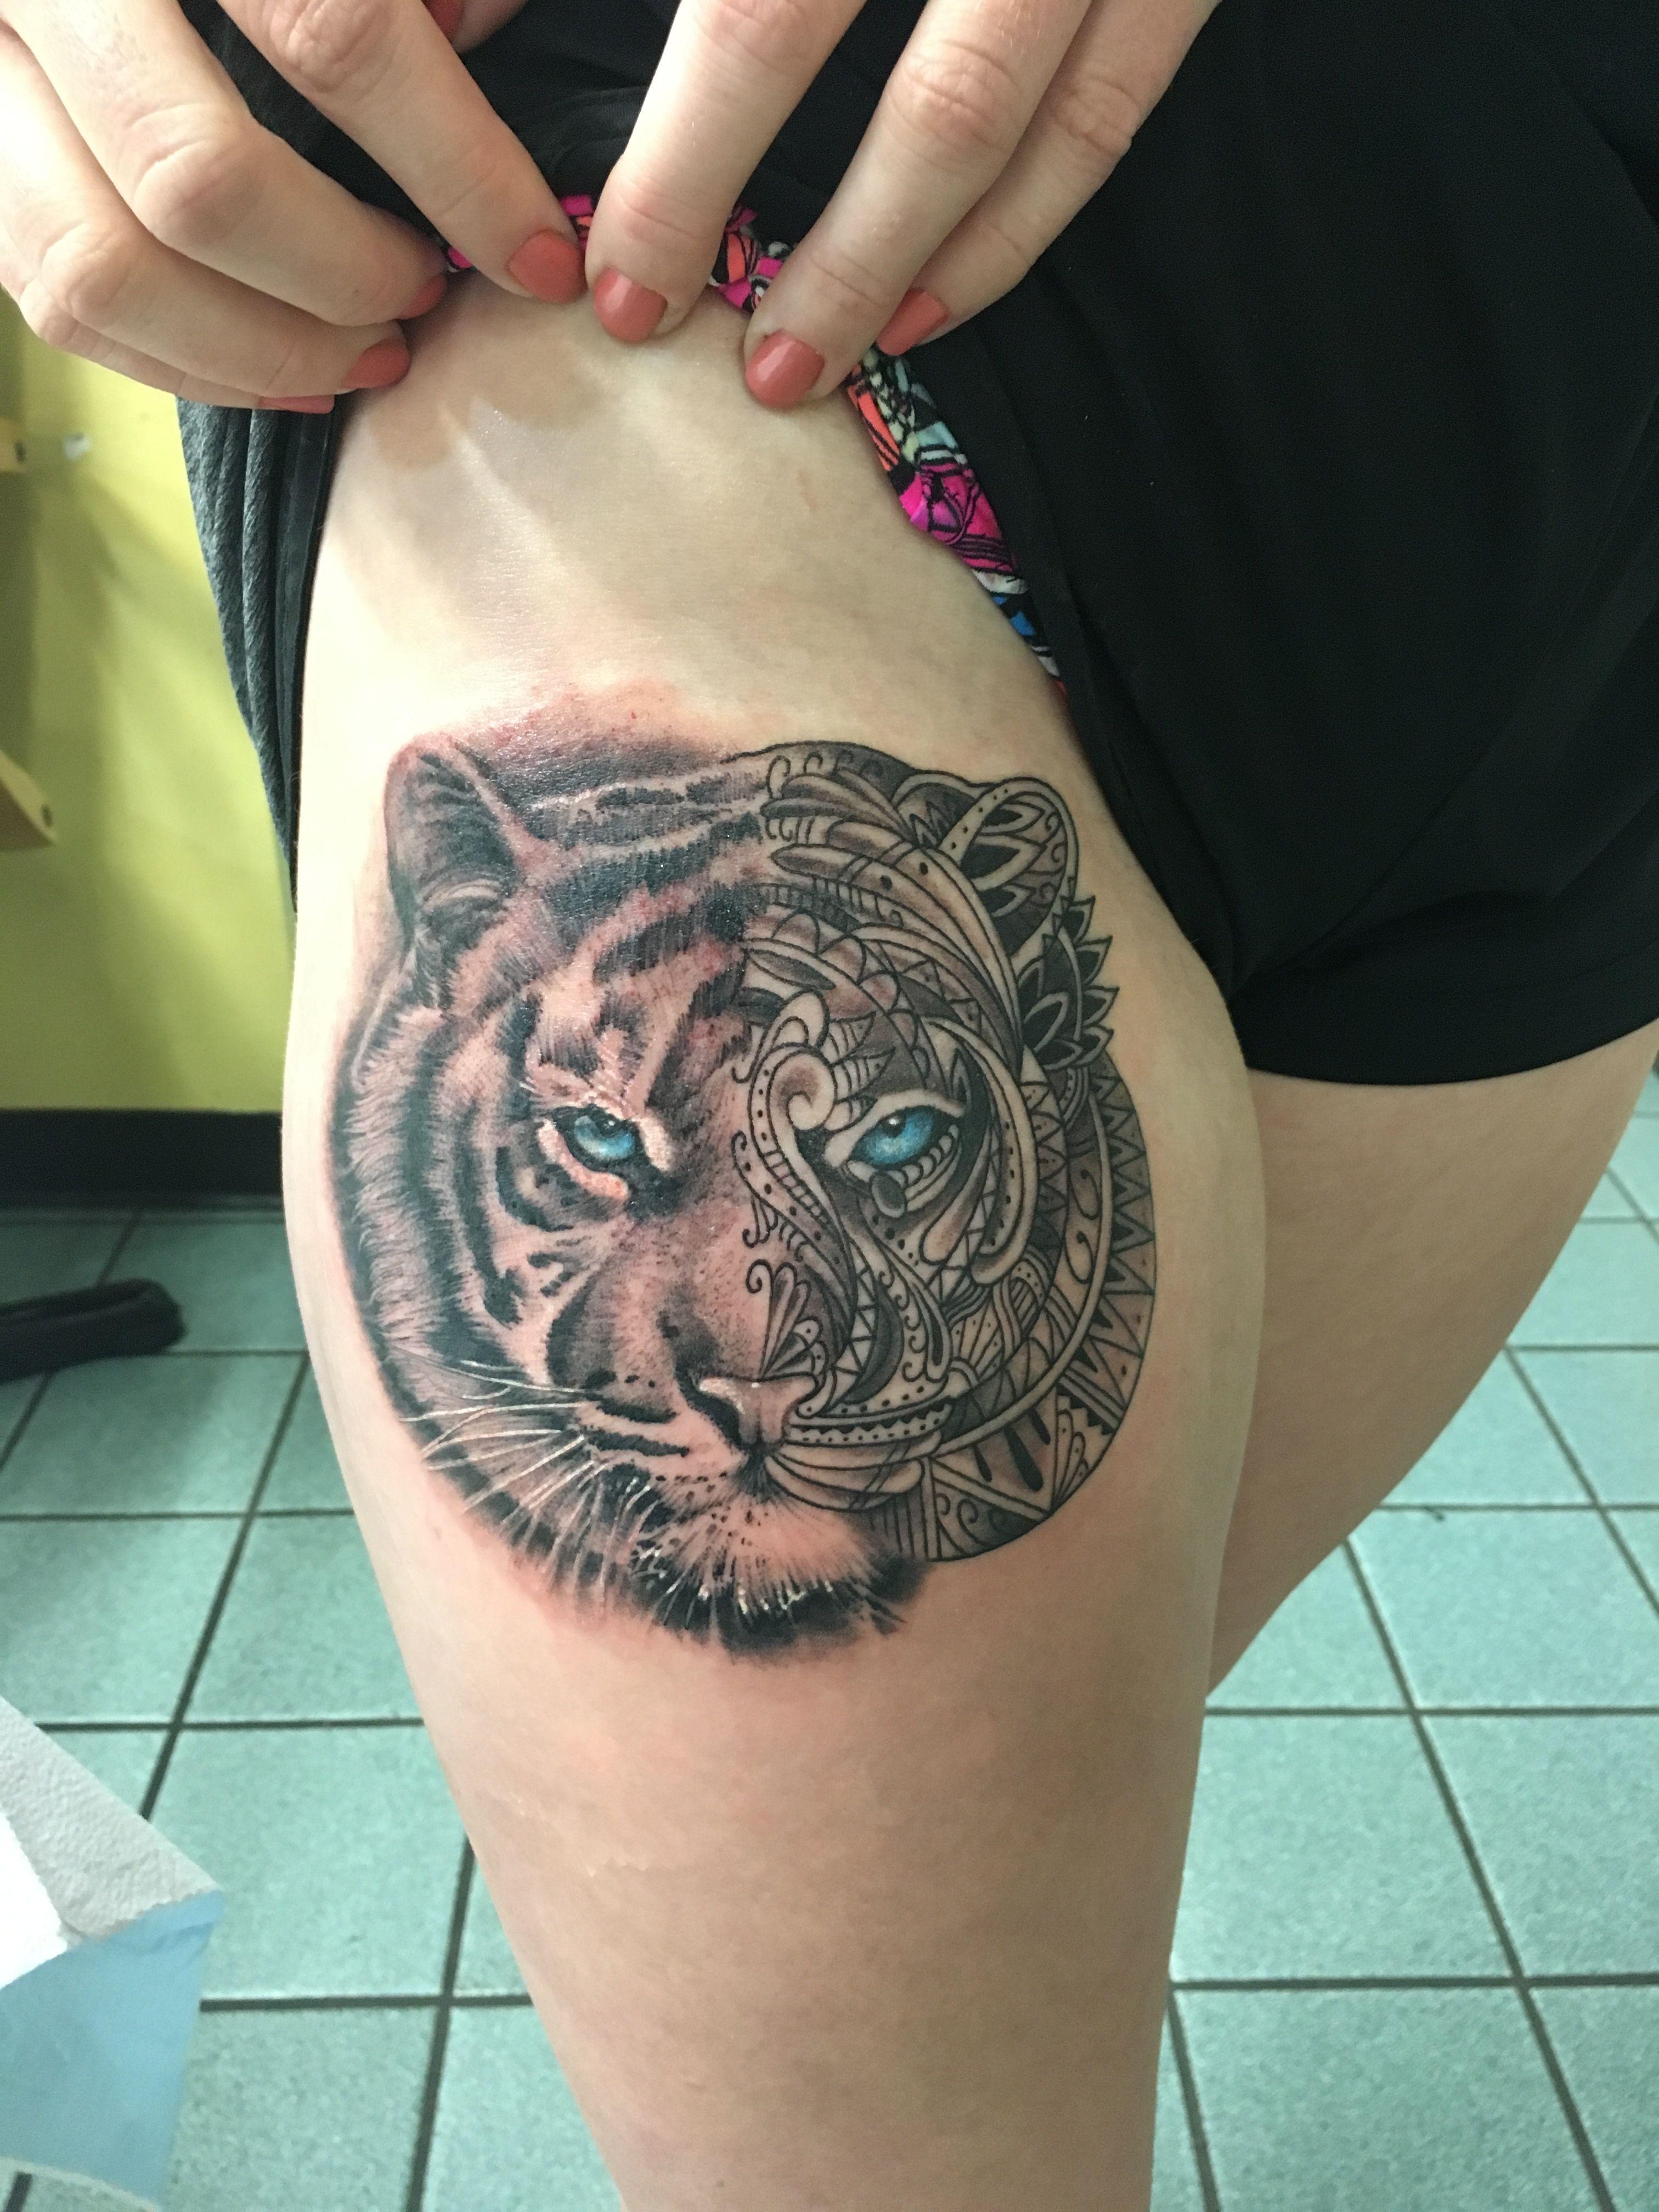 Tiger Tattoo Mandala Tigertattoo Women Thigh Tiger Tattoo Tattoos Tiger Face Tattoo